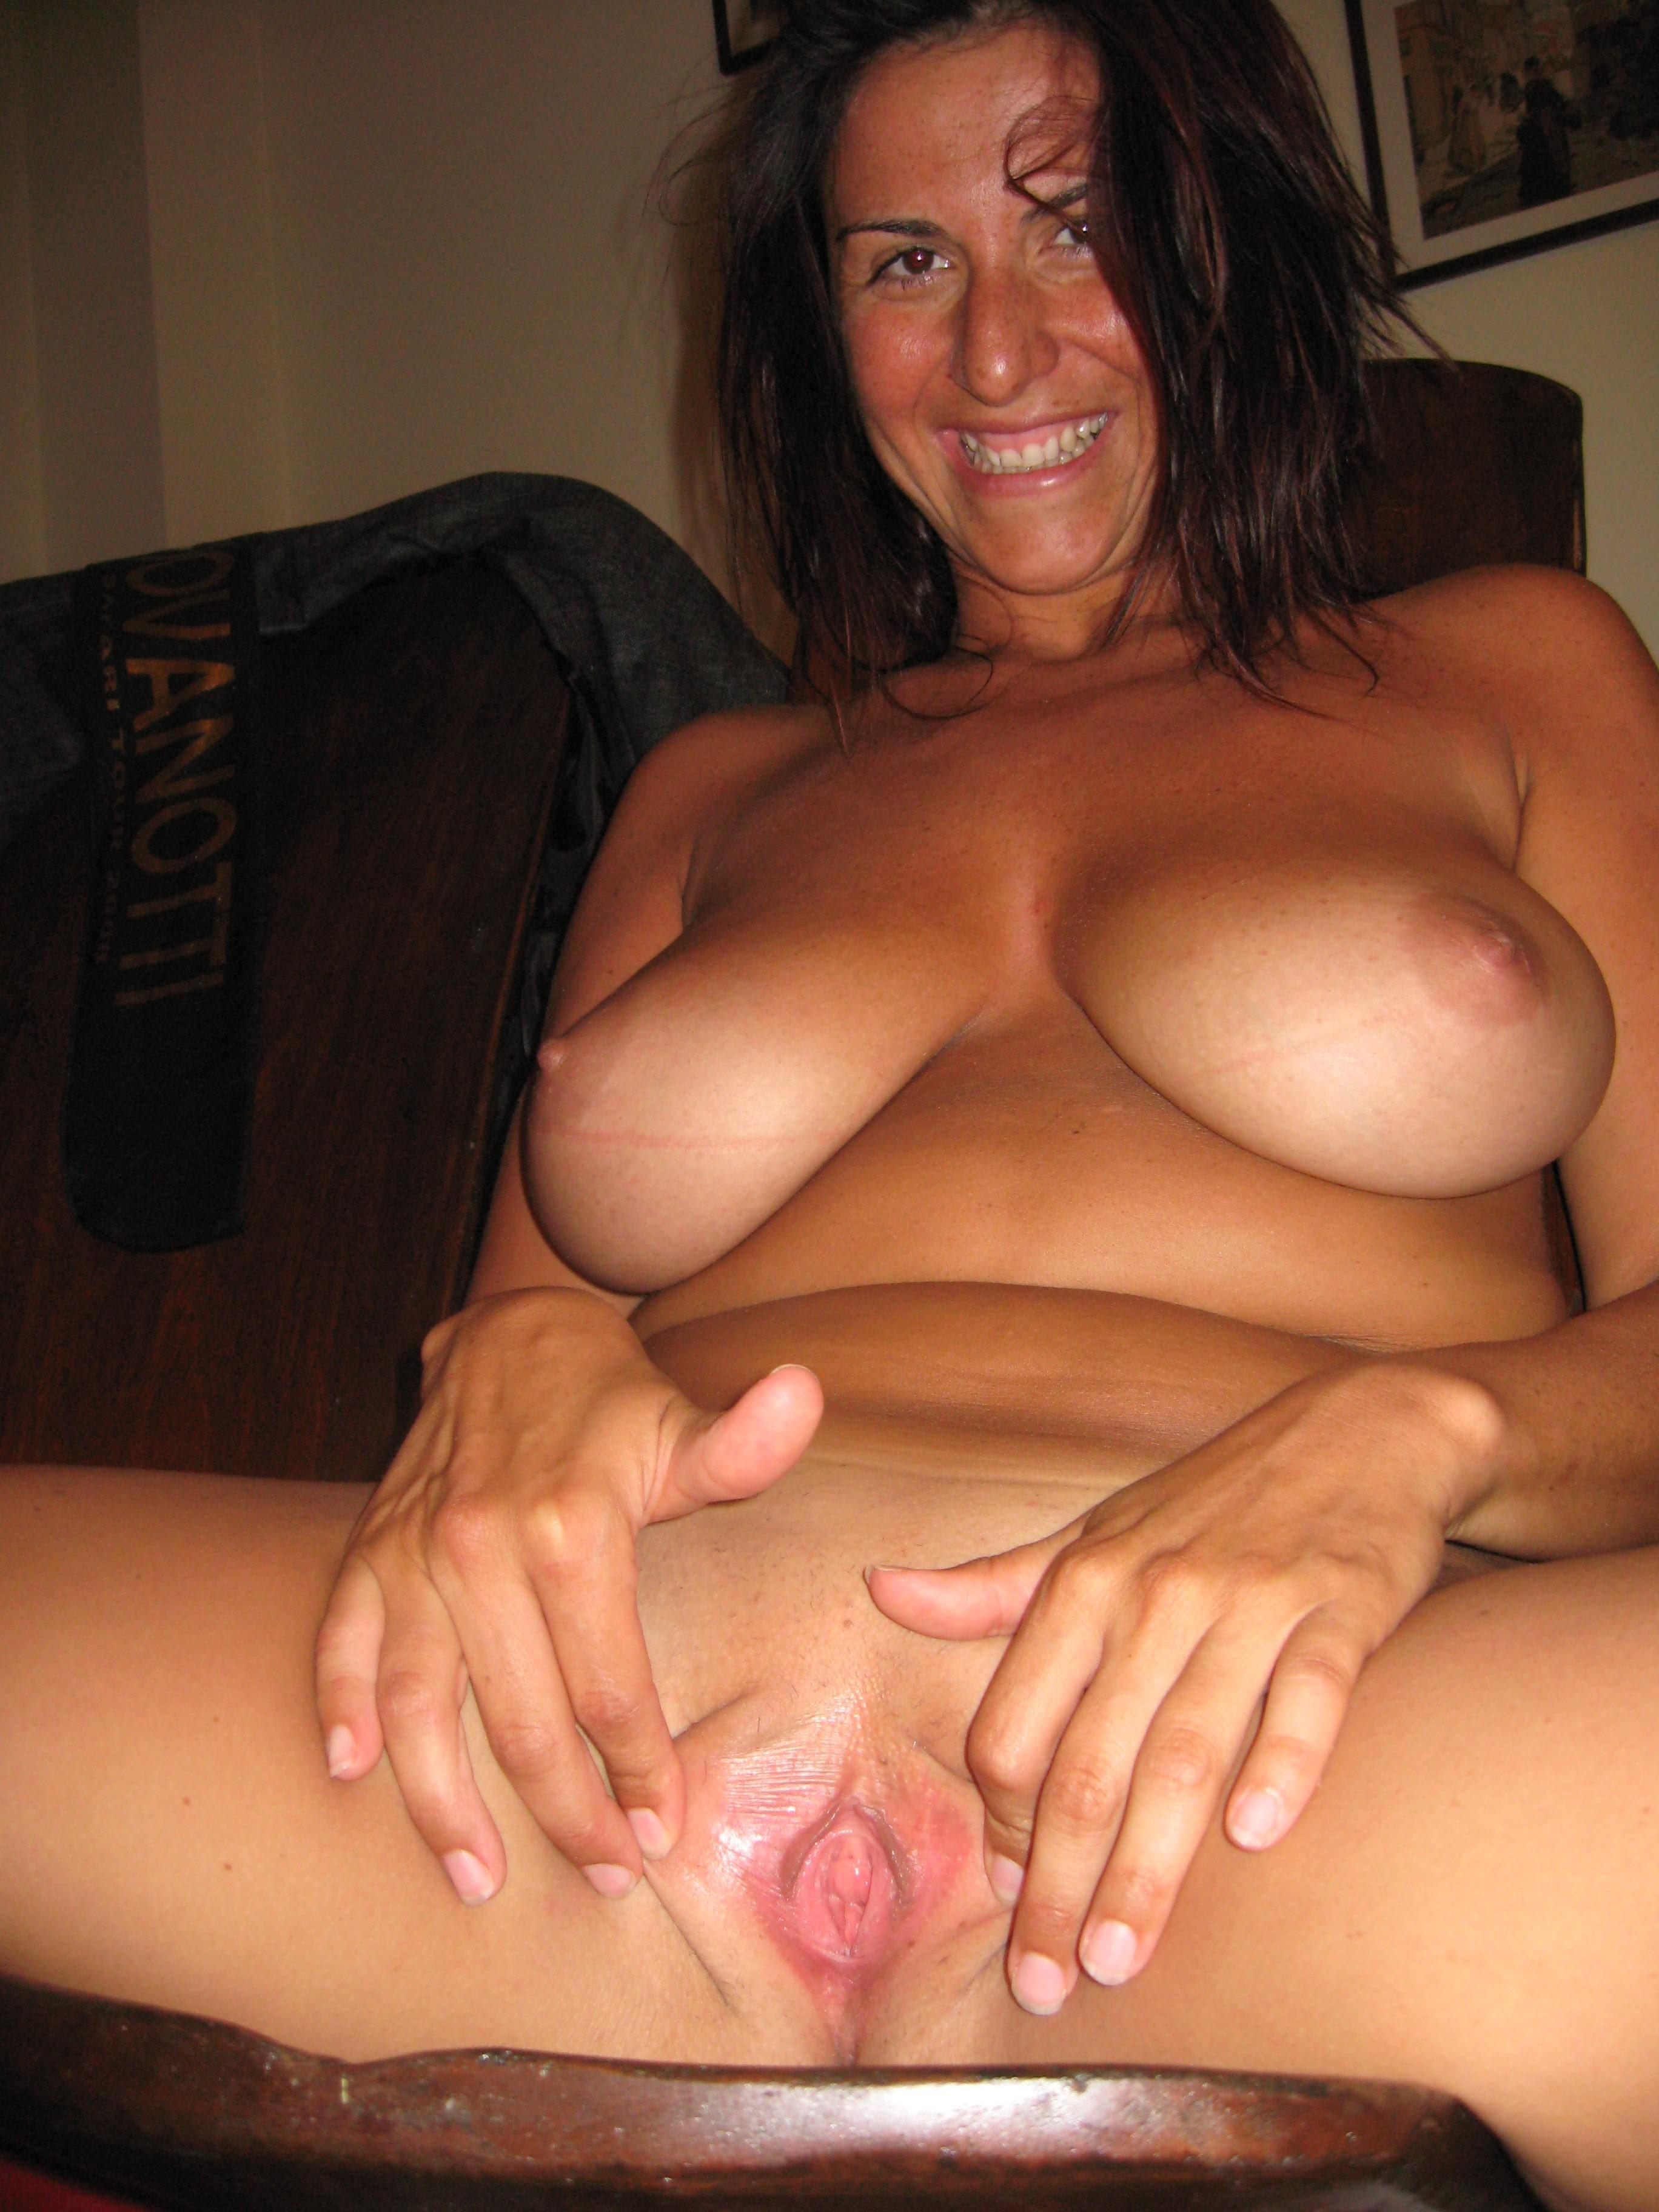 mature-amateur-busty-porn